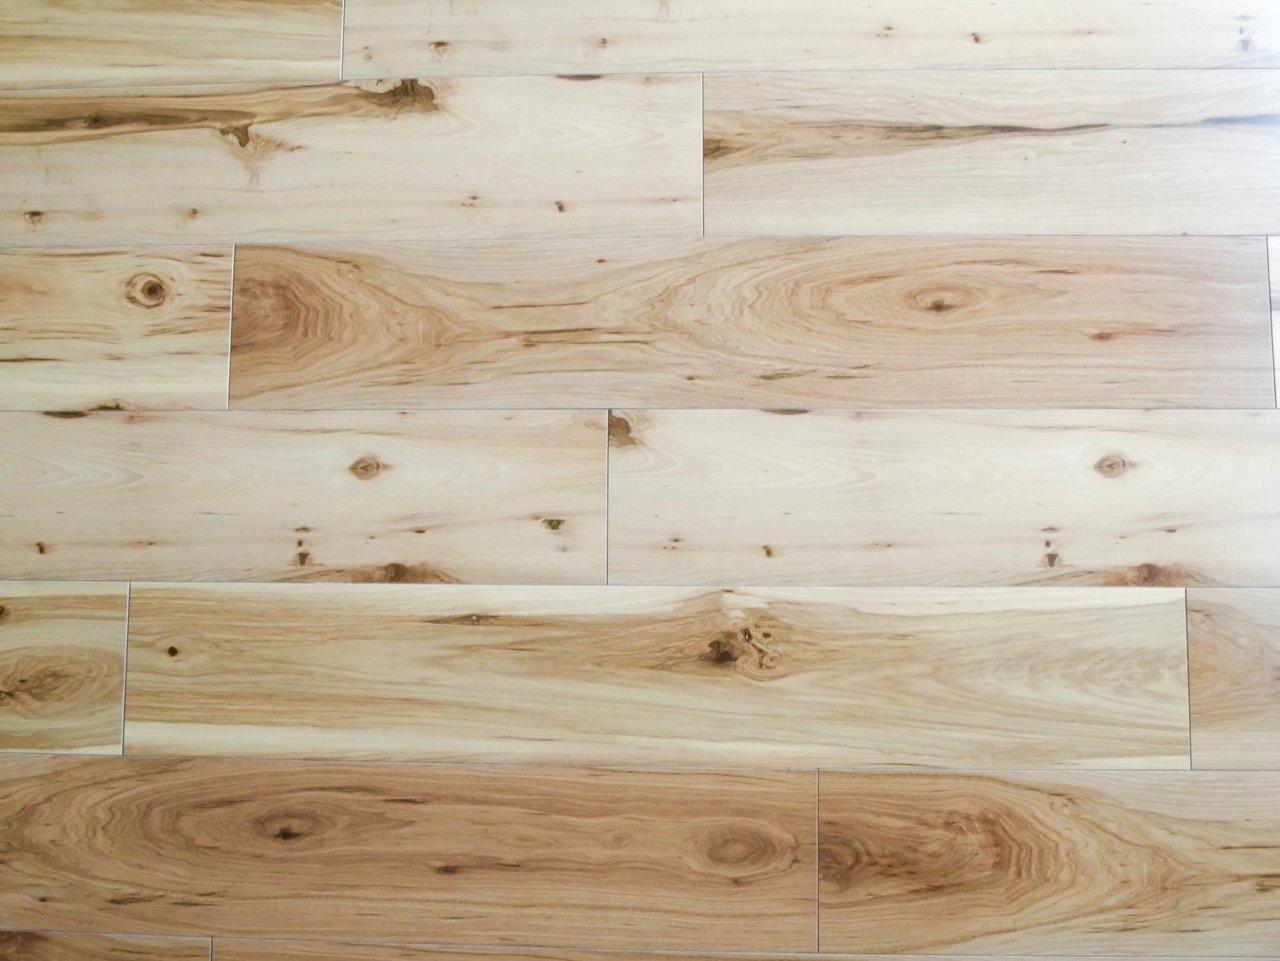 床材は木目もはっきり見えるフローリング。木のぬくもりを感じられるっていいですよね。